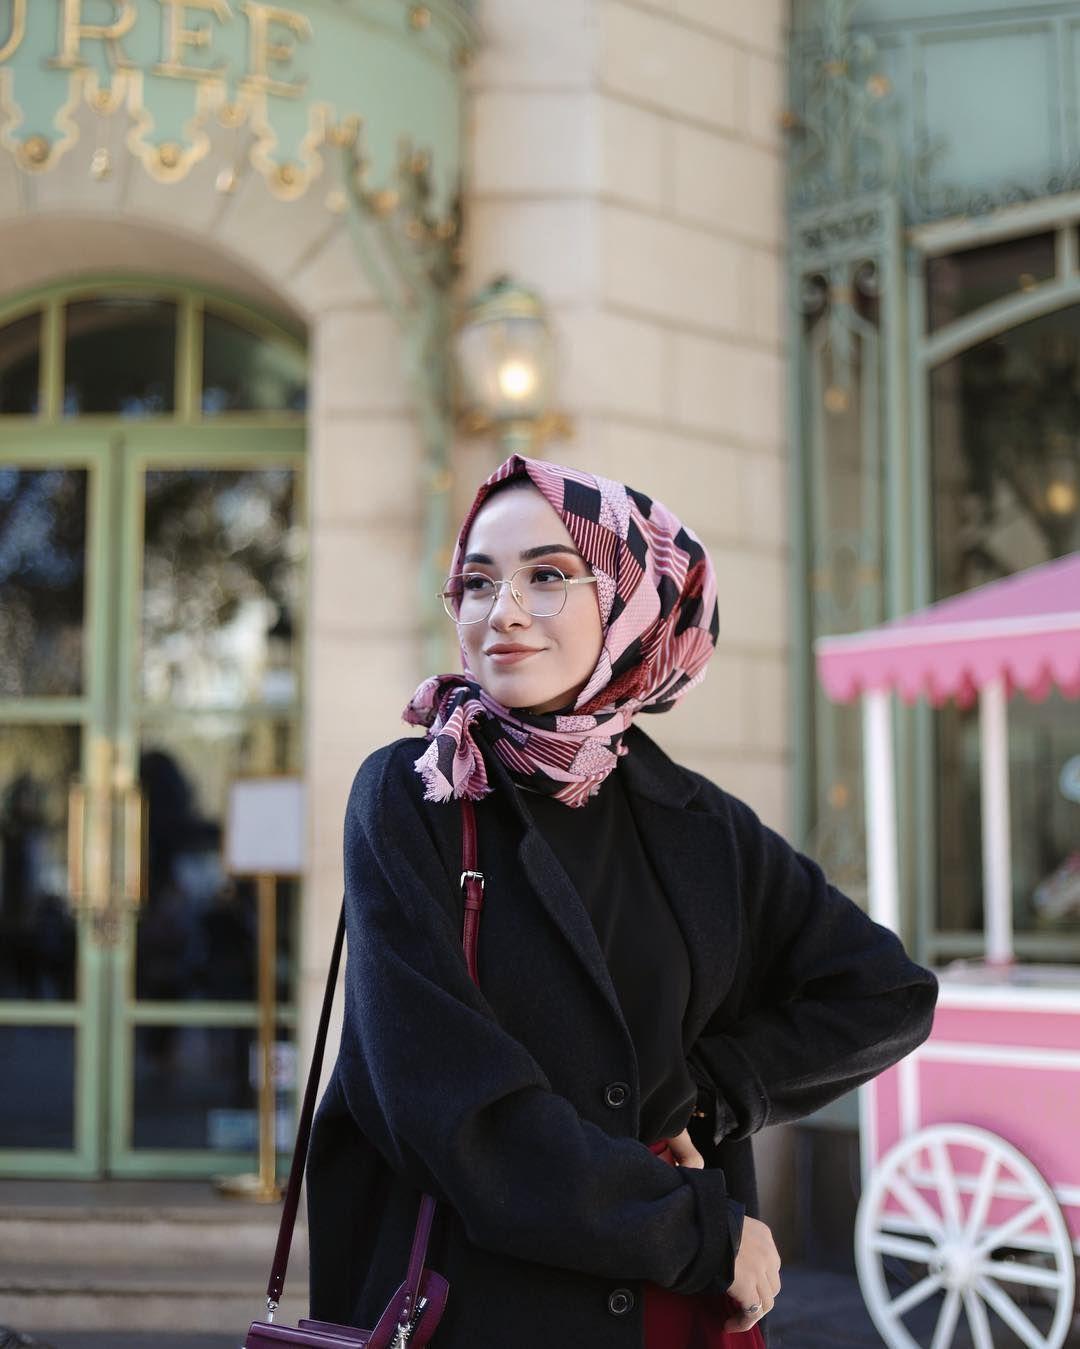 Meryem Kaya Adli Kullanicinin Clothes Panosundaki Pin Kiyafet Moda Giyim